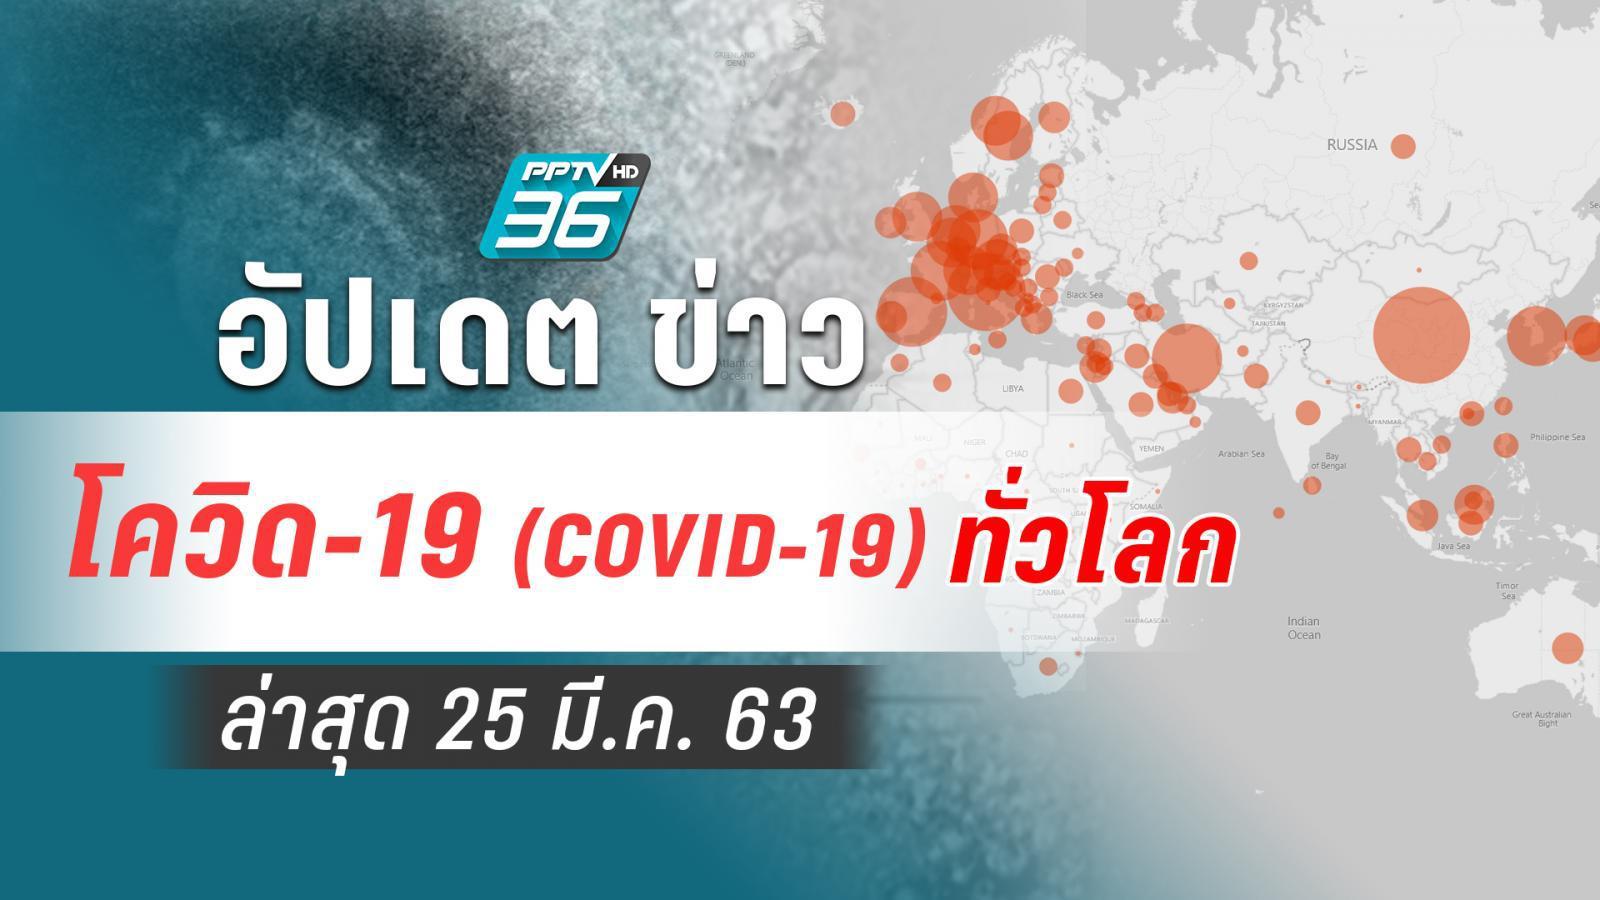 อัปเดตข่าว สถานการณ์ โควิด-19 ทั่วโลก ล่าสุด 25 มี.ค.63